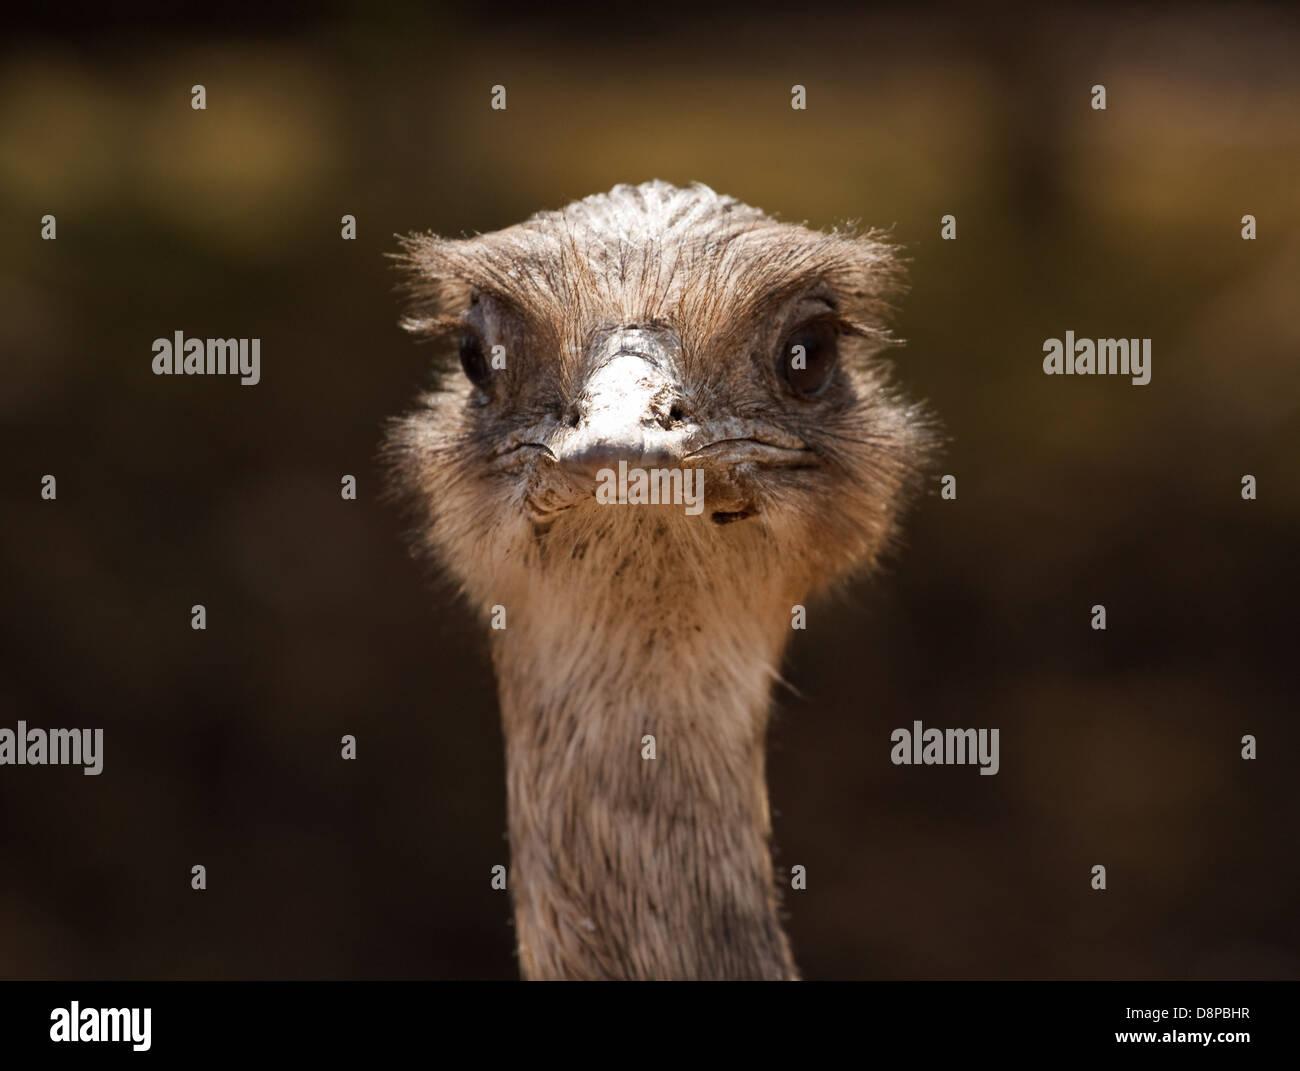 Nahaufnahme Schuss der Vogel Strauß den Kopf Ich freue mich für Besucherzentren oder das Konzept der Verleugnung Stockbild